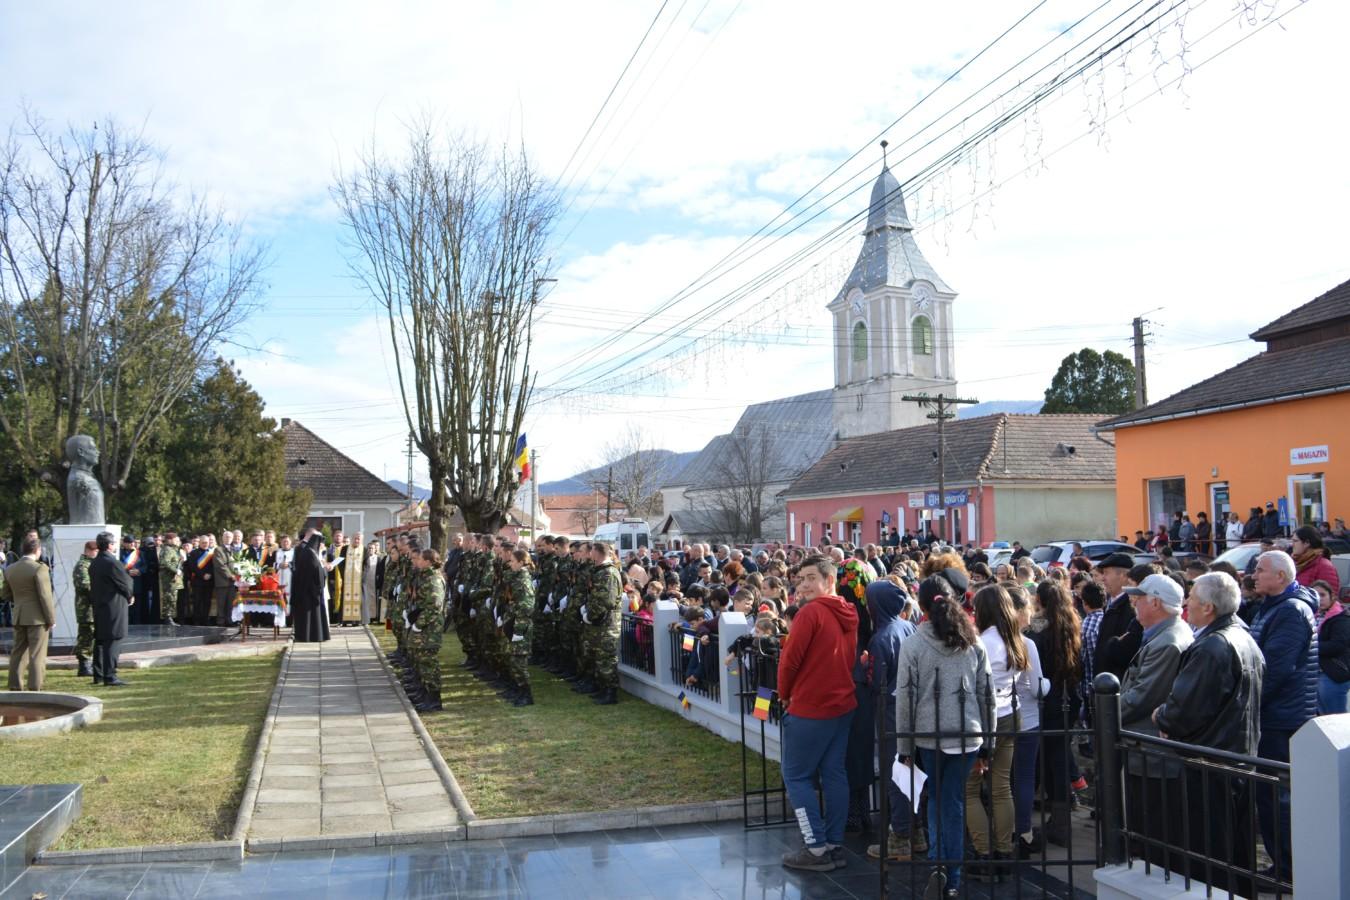 Mitropolitul Clujului prezent la manifestările dedicate Centenarului, în localitatea Iara